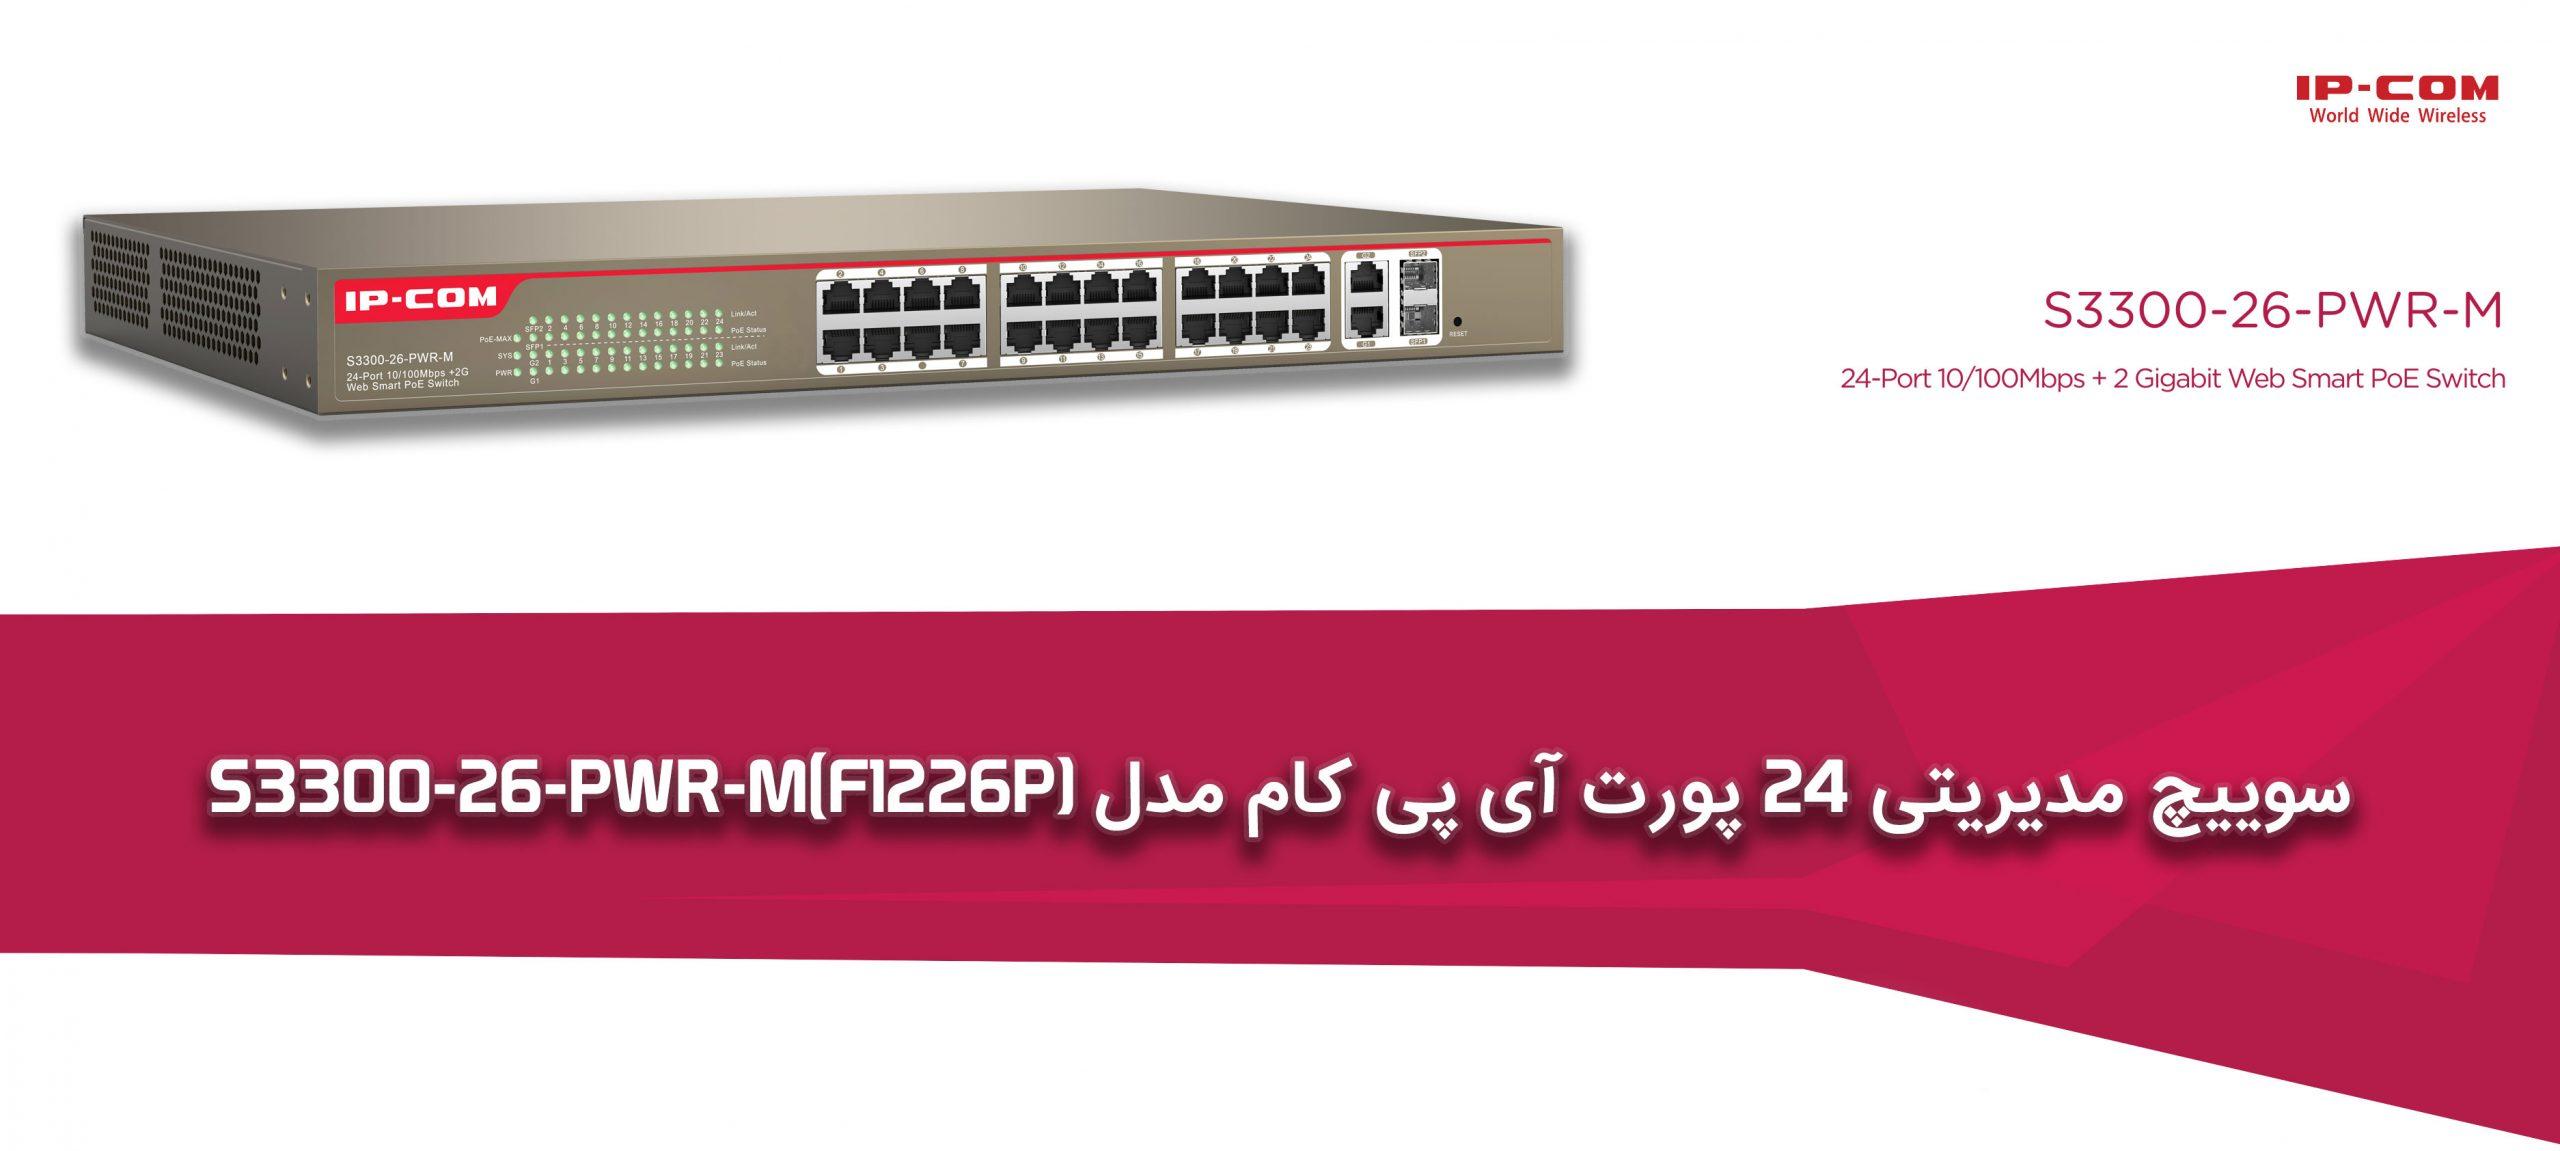 سوییچ مدیریتی 24 پورت آی پی کام مدل (S3300-26-PWR-M(F1226P